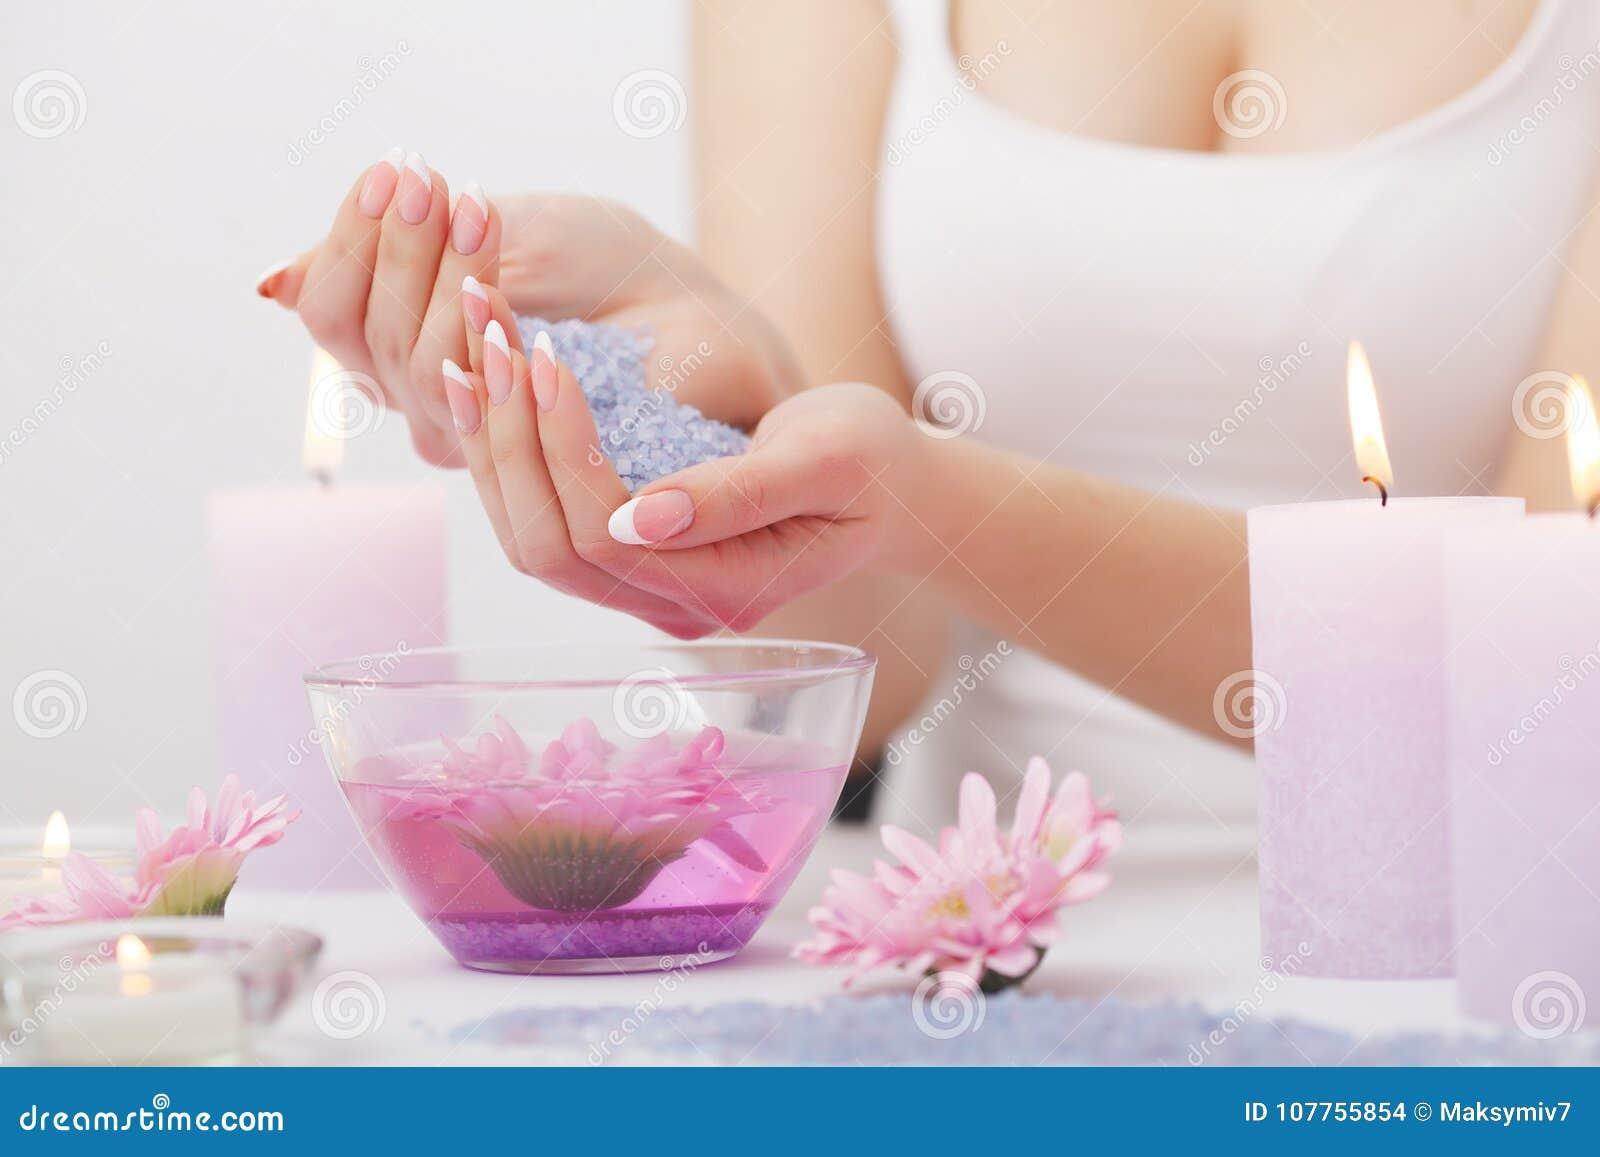 Omsorgsbomullsfingernailen spikar att ta bort swabfernissa Closeupen av härliga kvinnahänder med naturligt spikar I